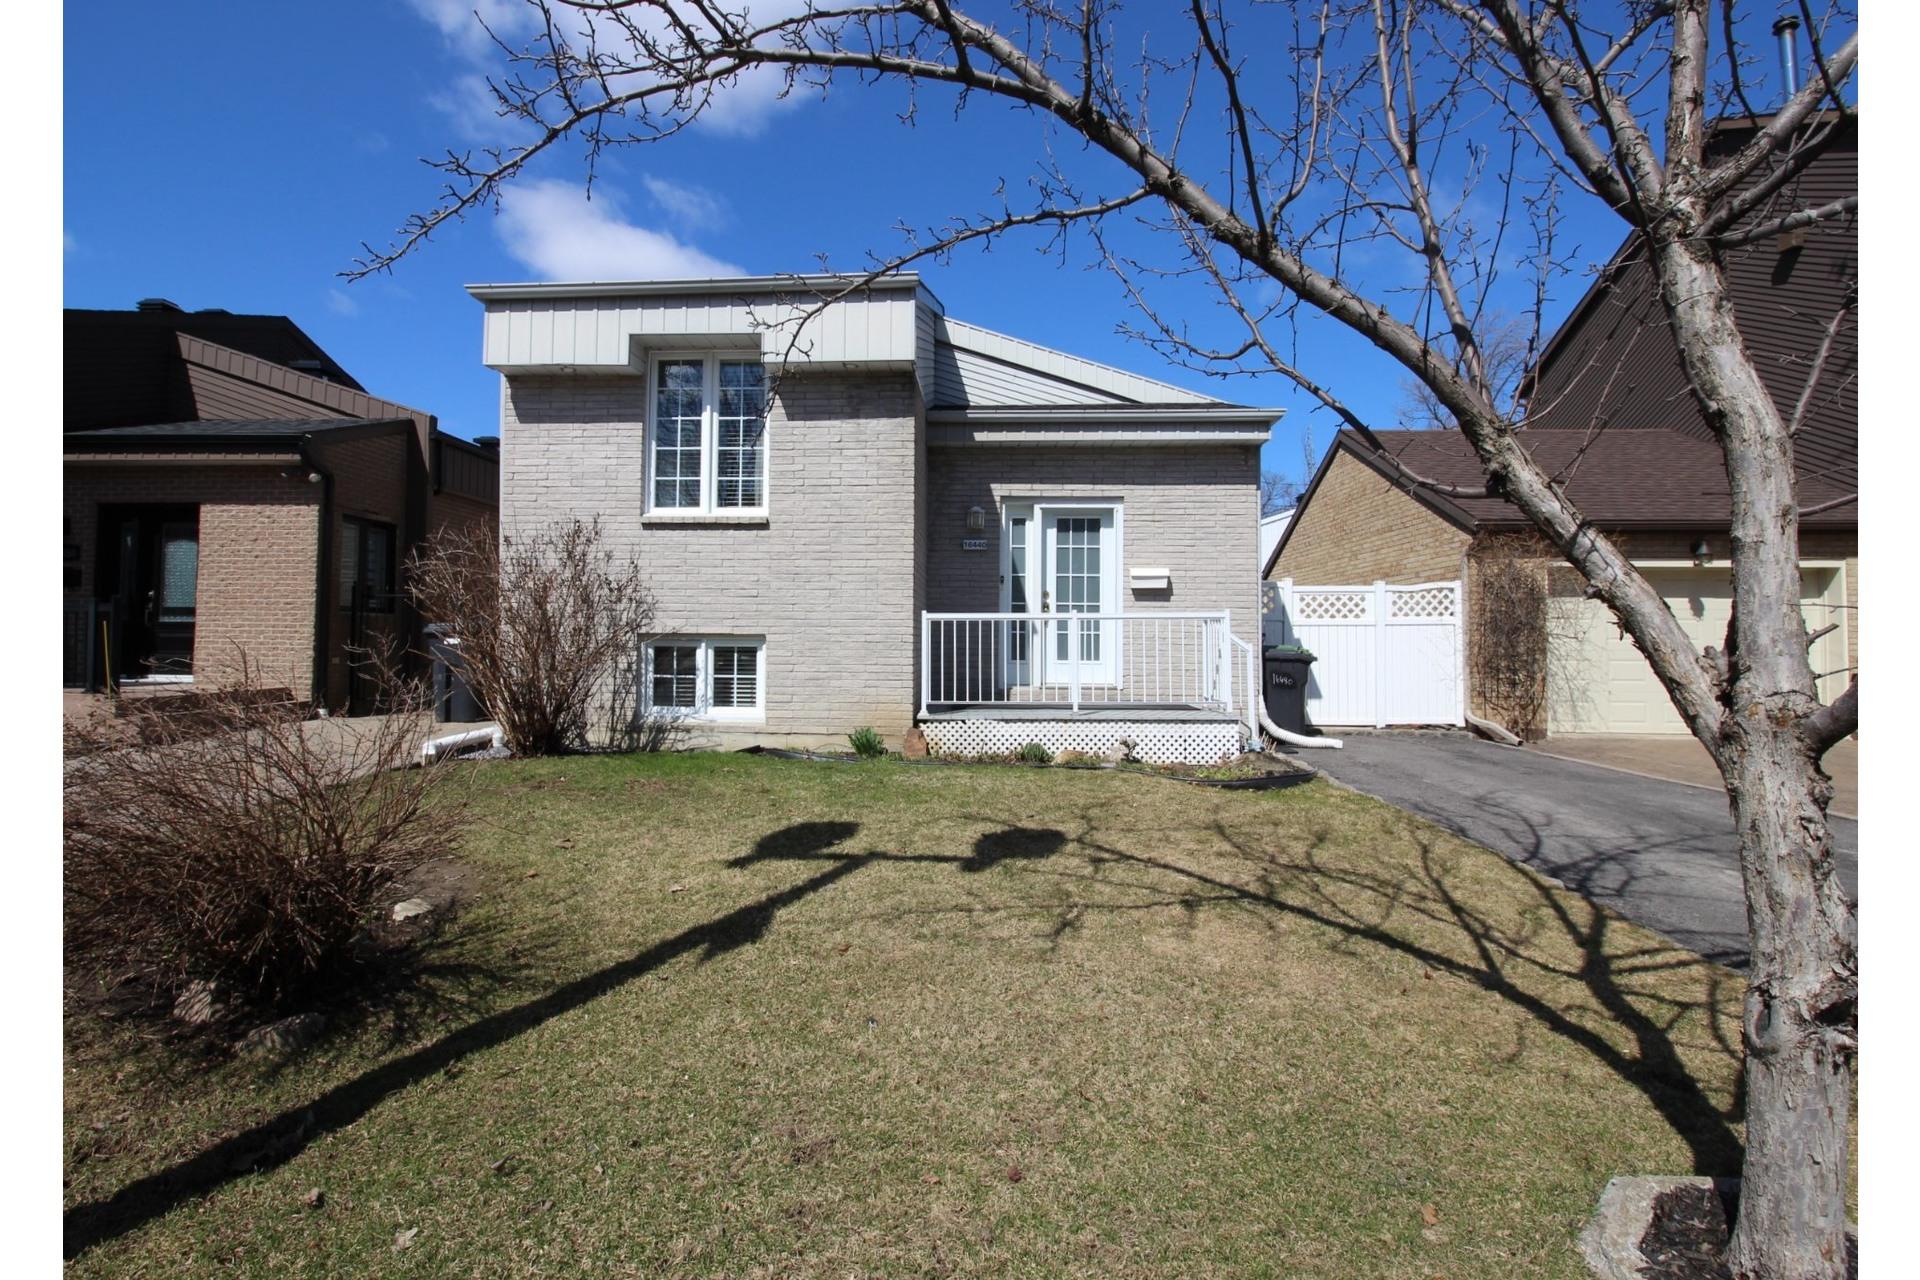 image 26 - Maison À vendre Rivière-des-Prairies/Pointe-aux-Trembles Montréal  - 8 pièces